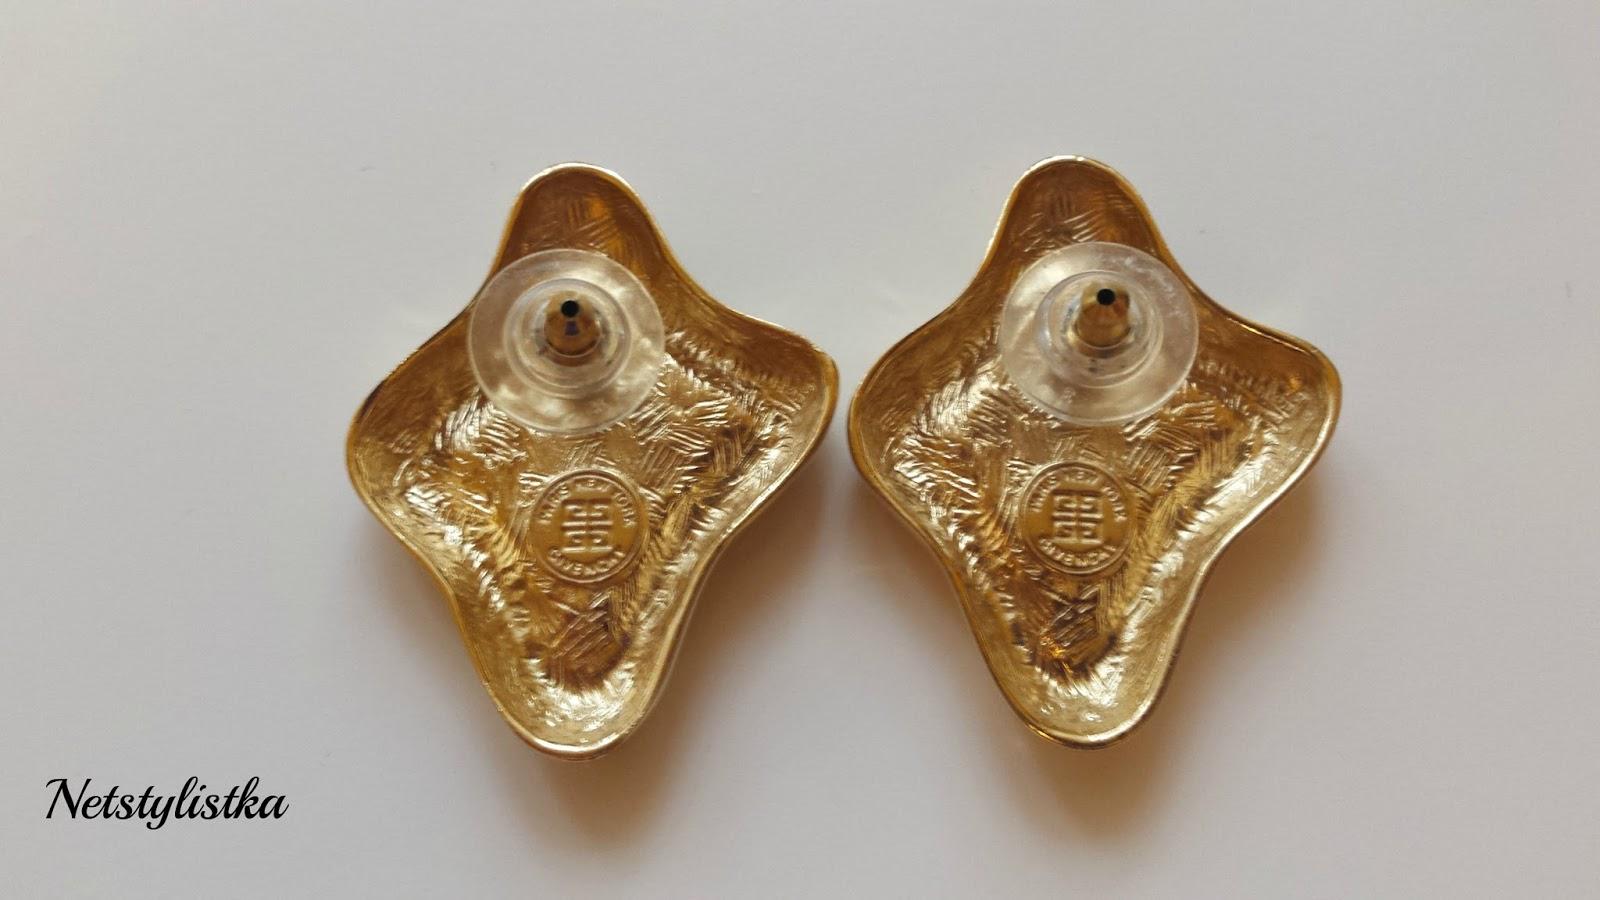 Givenchy biżuteria vintage złote kolczyki od projektanta, stara biżuteria, markowa biżuteria Givenchy